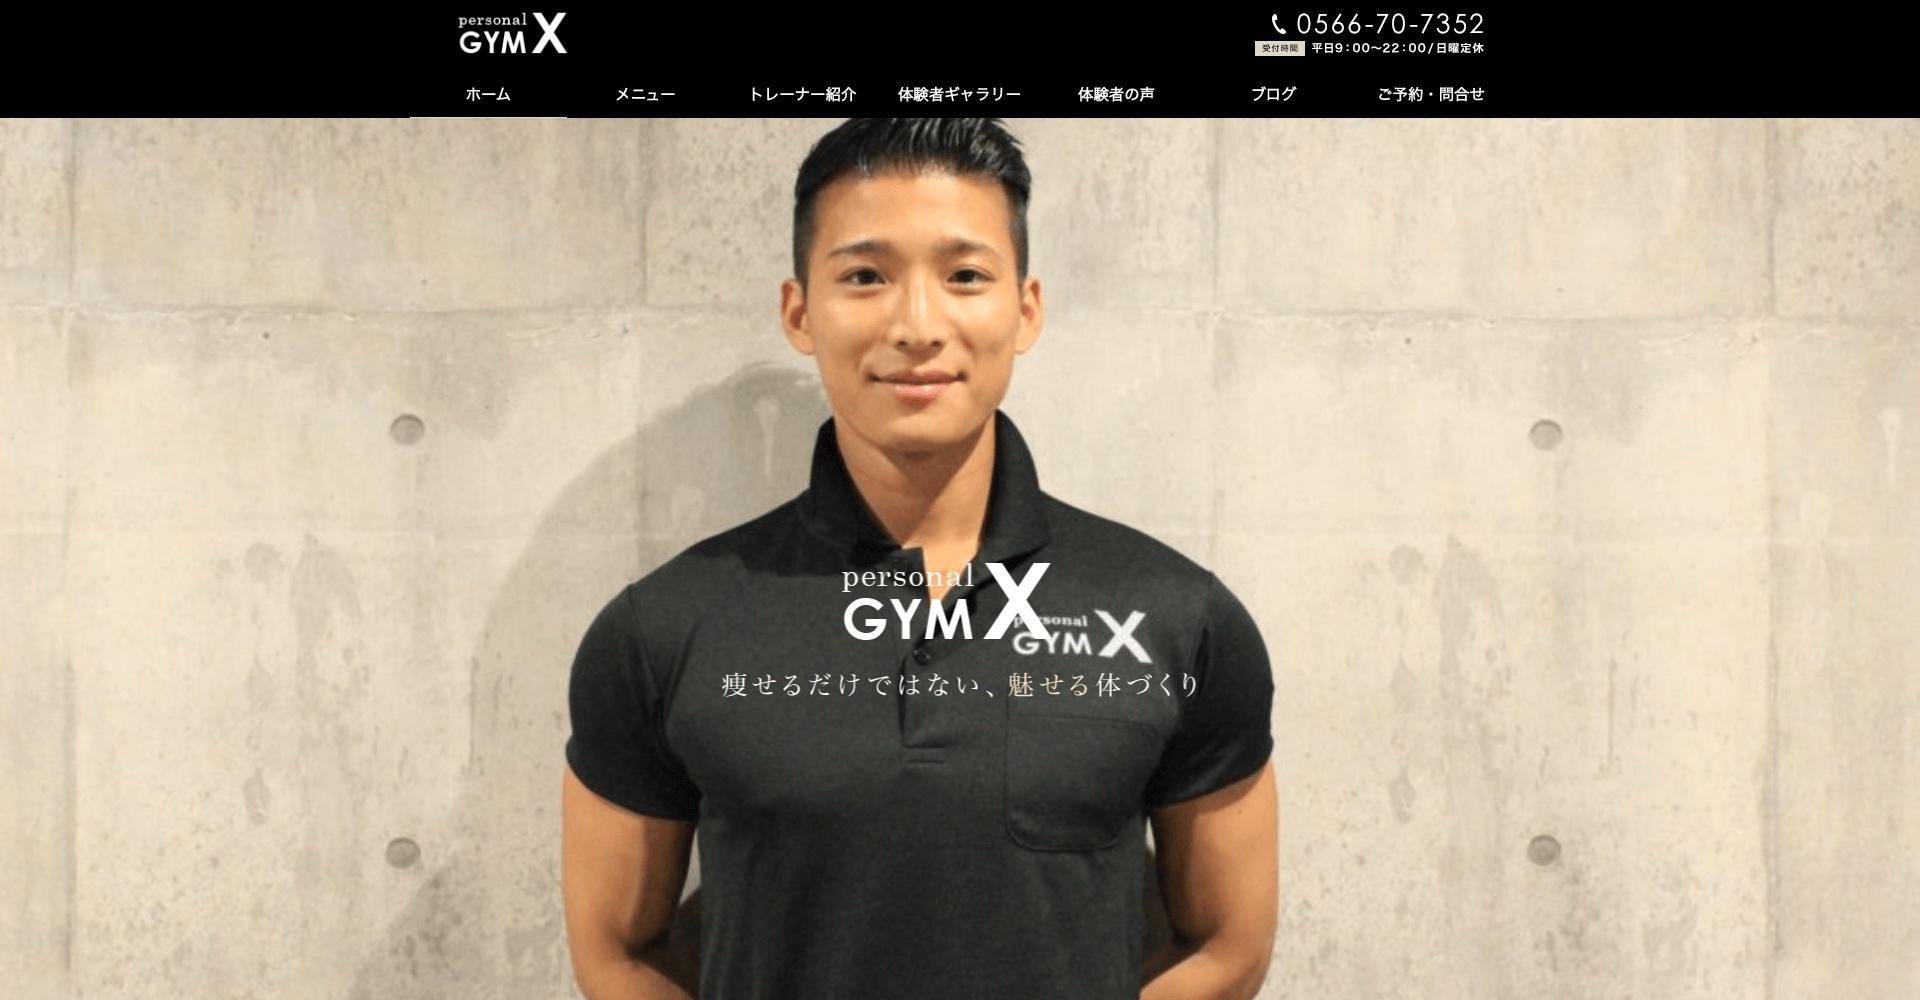 刈谷市のジム | personal GYM X(パーソナルジムエックス)【ジム/パーソナル/トレーニング/スポーツ/ダイエット/マンツーマン】人気